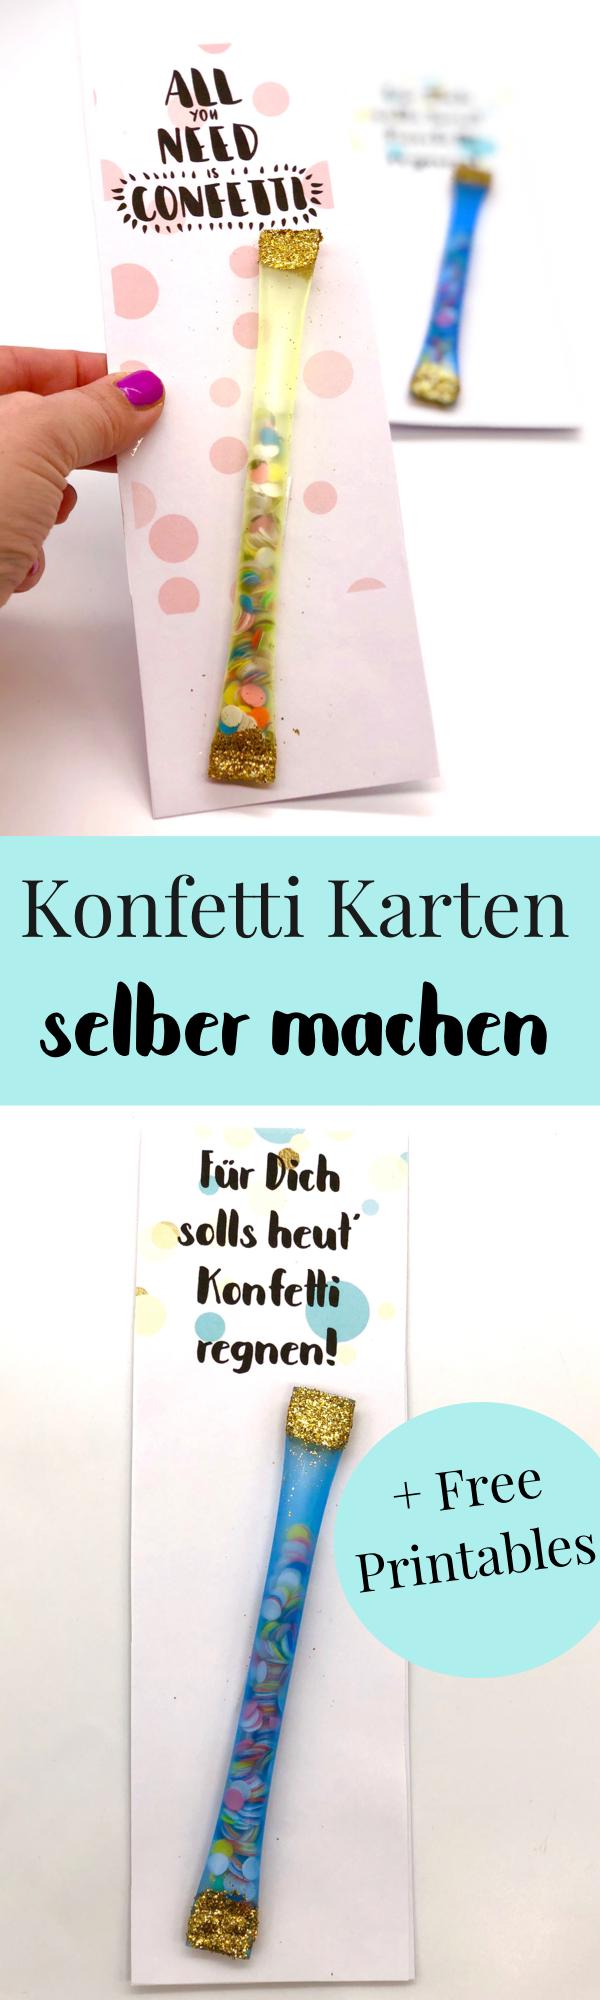 Geburtstagskarte Zum Ausdrucken Selber Machen Mit Konfetti über Geburtstagskarte Selber Drucken